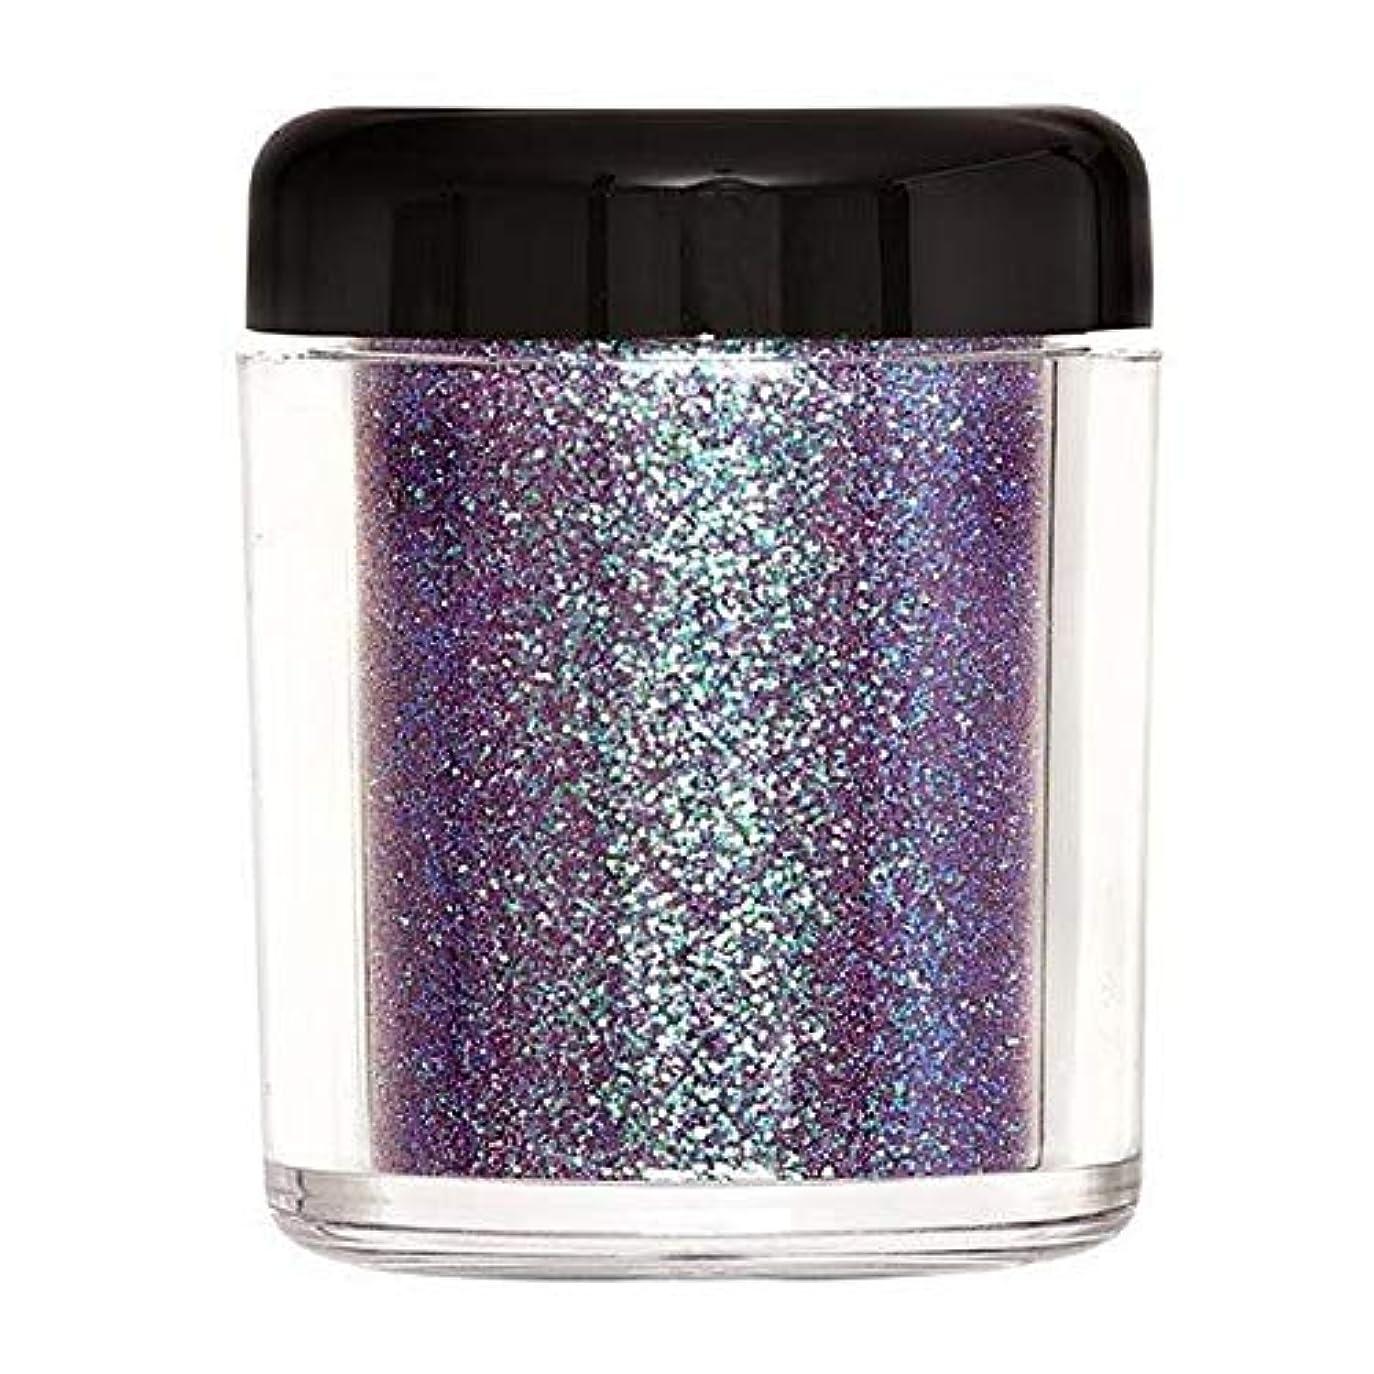 関数イースター損傷[Barry M ] バリーメートルグリッターラッシュボディグリッター夜の妖精 - Barry M Glitter Rush Body Glitter Night Fairy [並行輸入品]